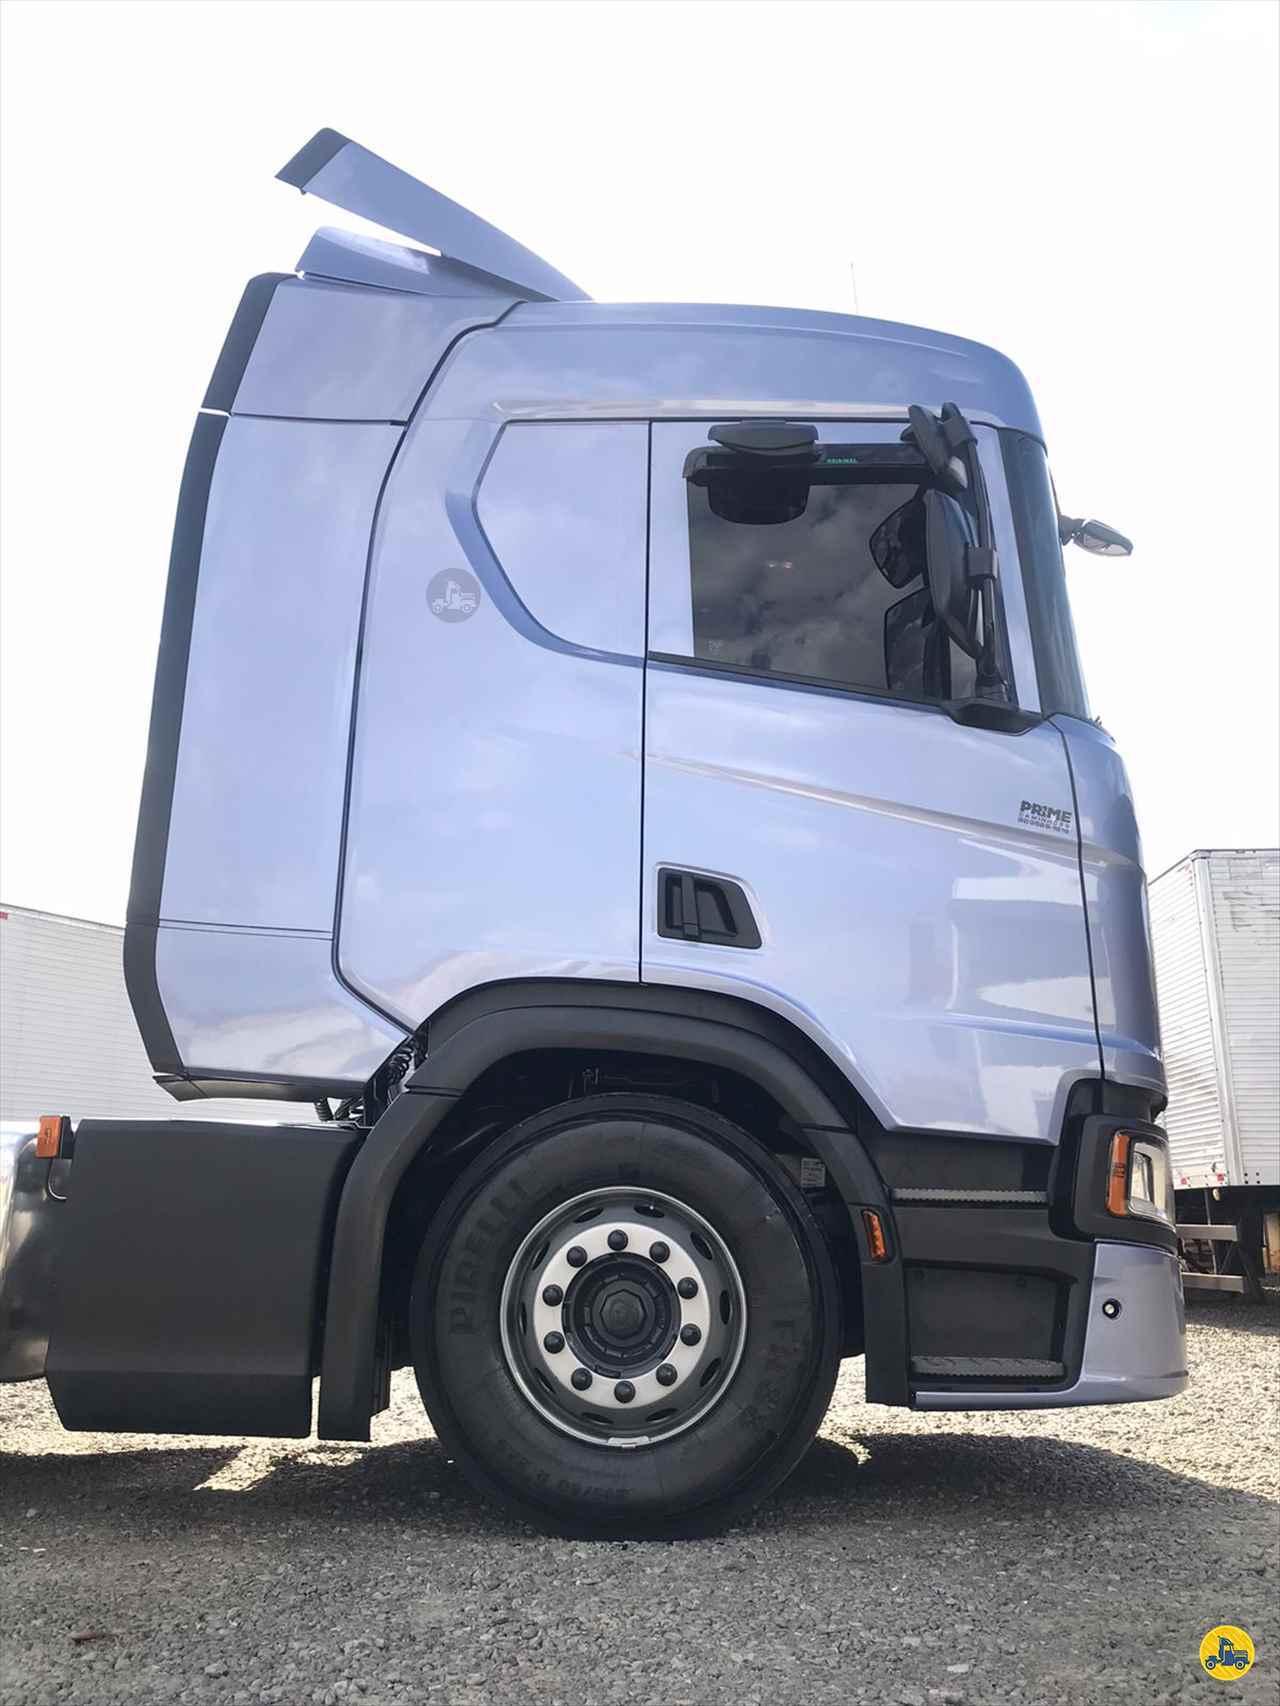 CAMINHAO SCANIA SCANIA 410 Cavalo Mecânico Truck 6x2 Prime Caminhões GOIANIA GOIAS GO